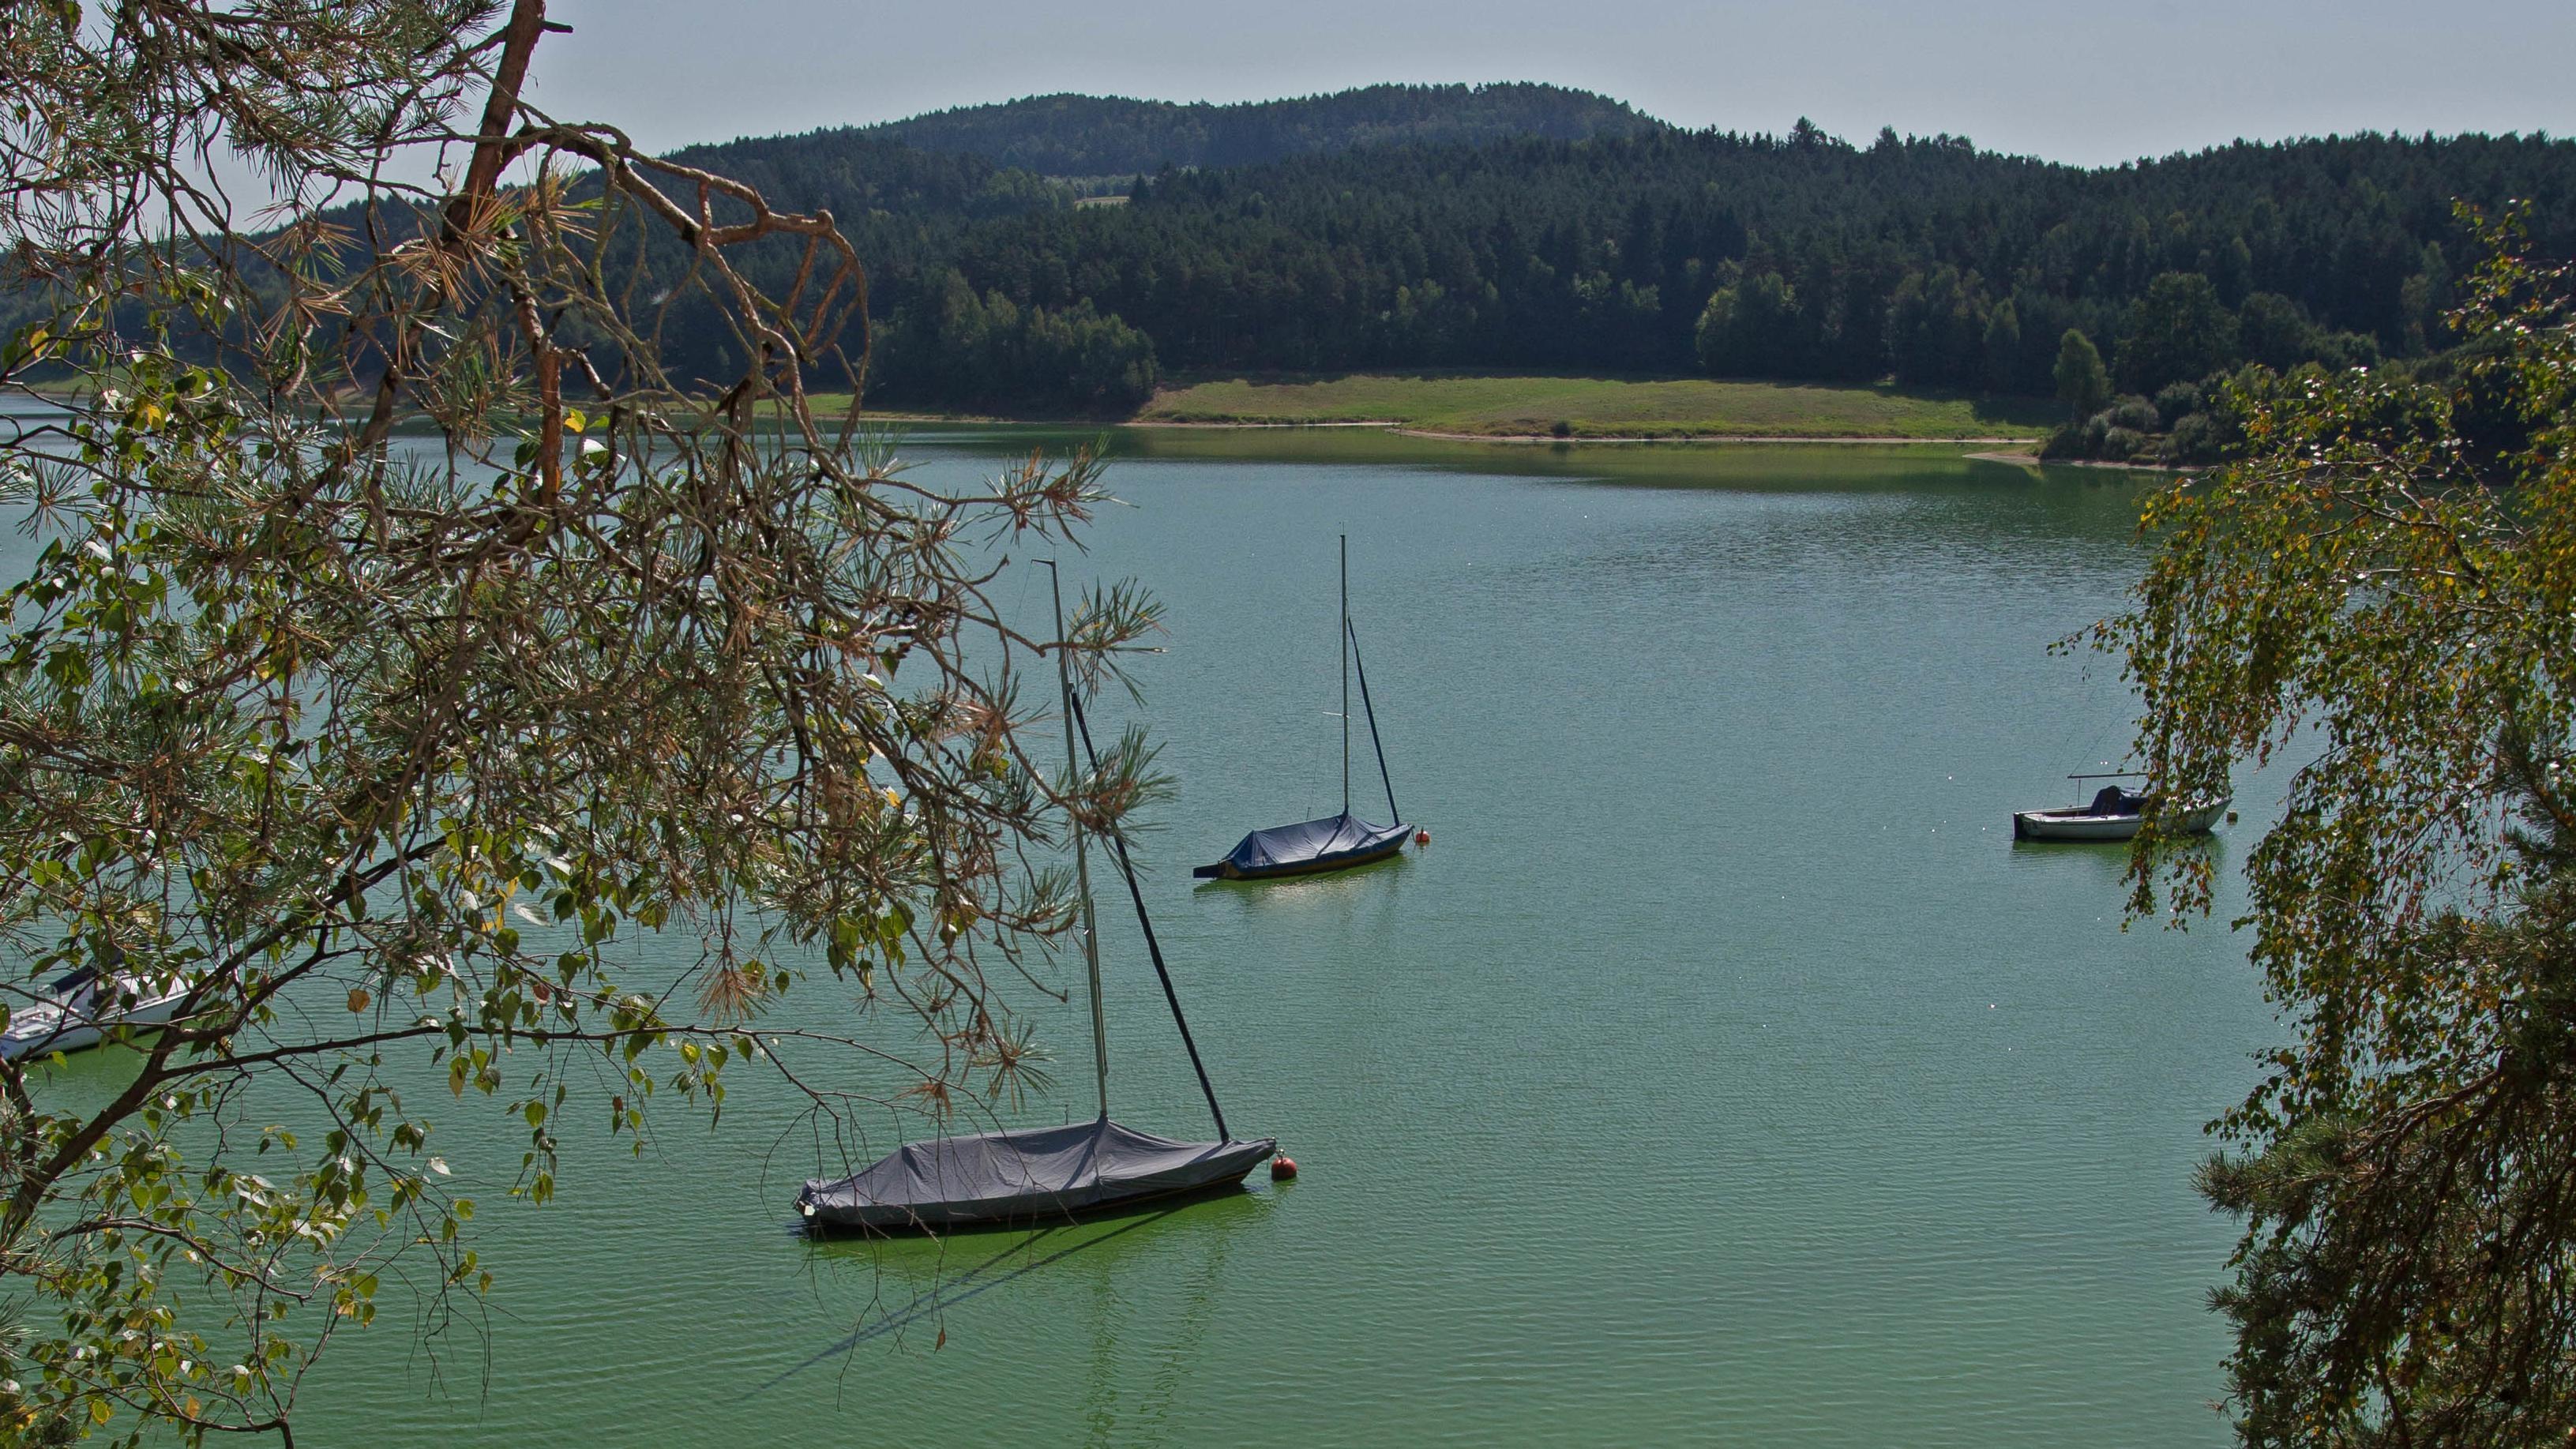 Der Eixendorfer See liegt im Osten des Oberpfälzer Seenlandes und verbindet die Landkreise Schwandorf und Cham.